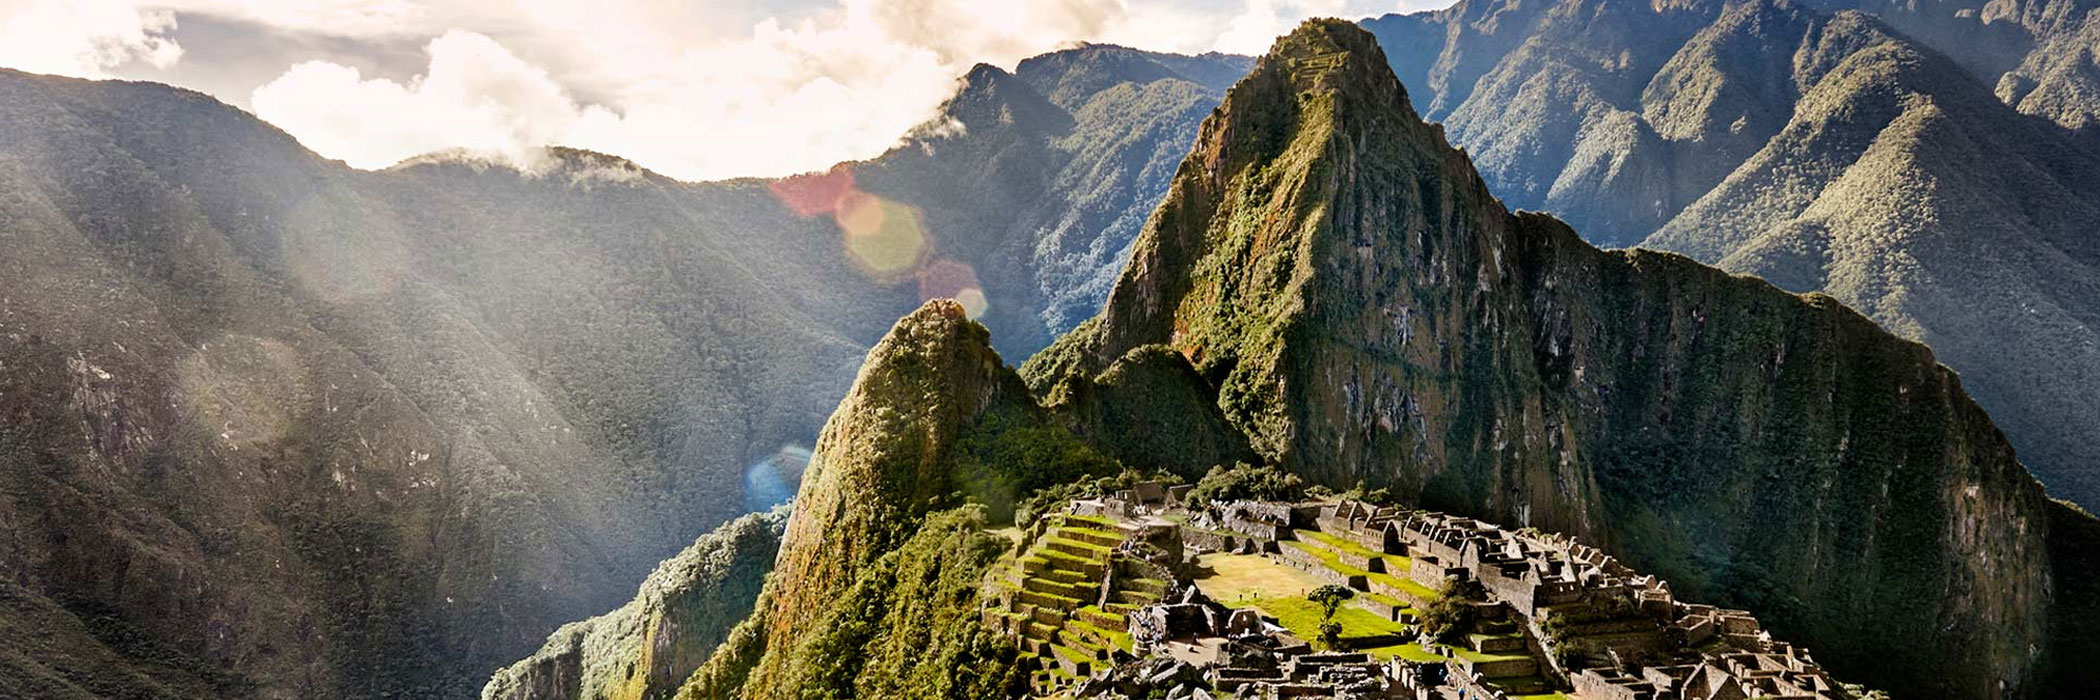 LOS ANDES, CAMINO INCA Y CUENCA DEL AMAZONAS 15 DIAS (5)